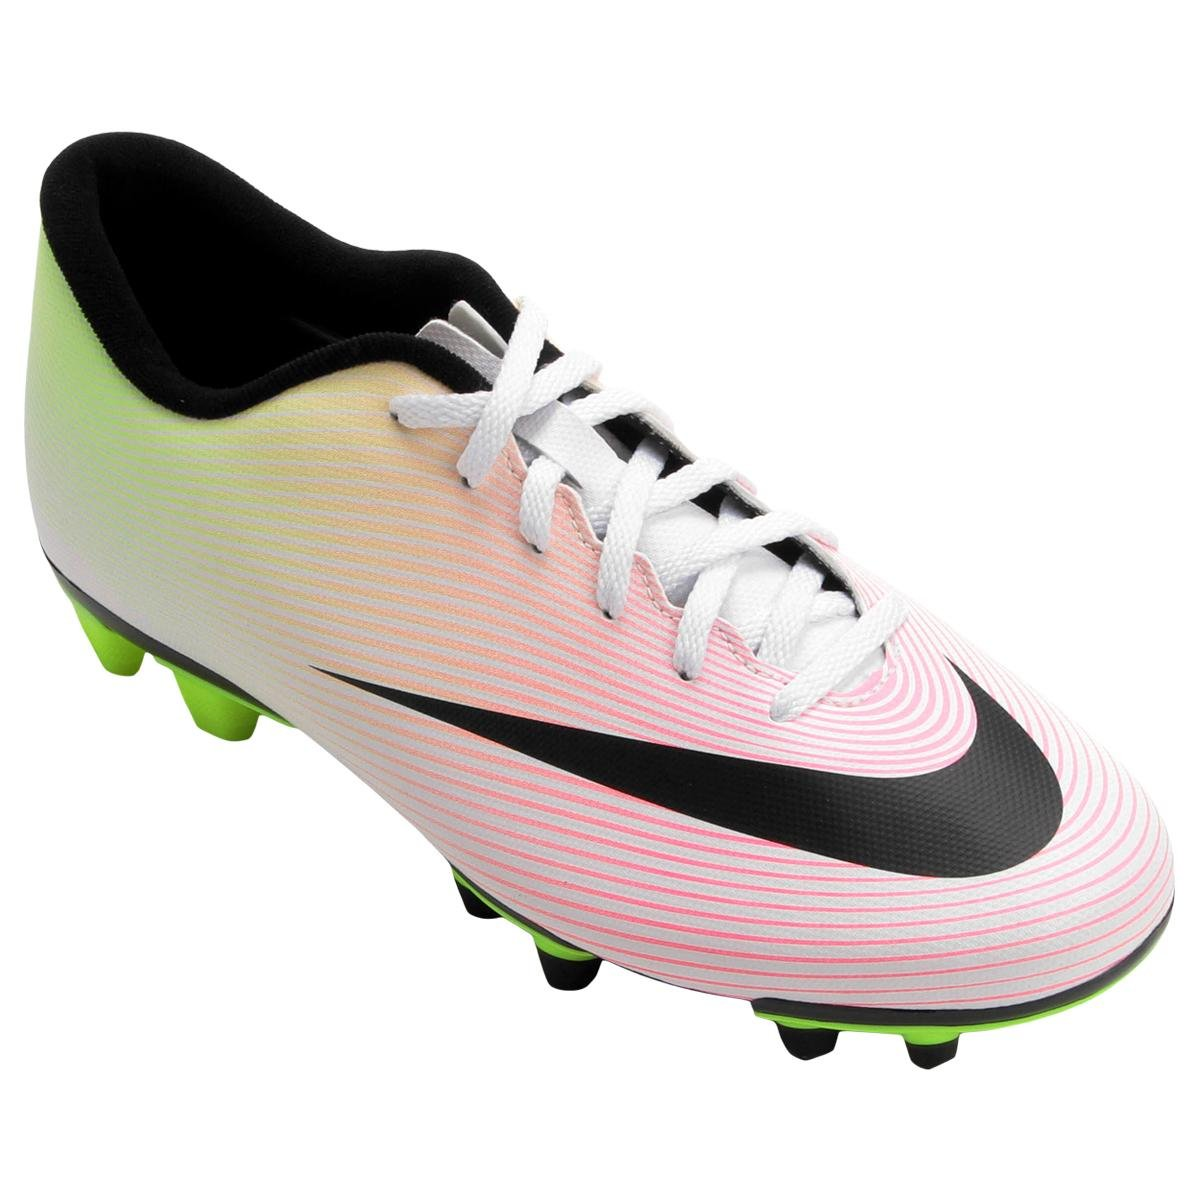 37e4c97479 Chuteira Campo Nike Mercurial Vortex 2 FG Masculina - Compre Agora ...